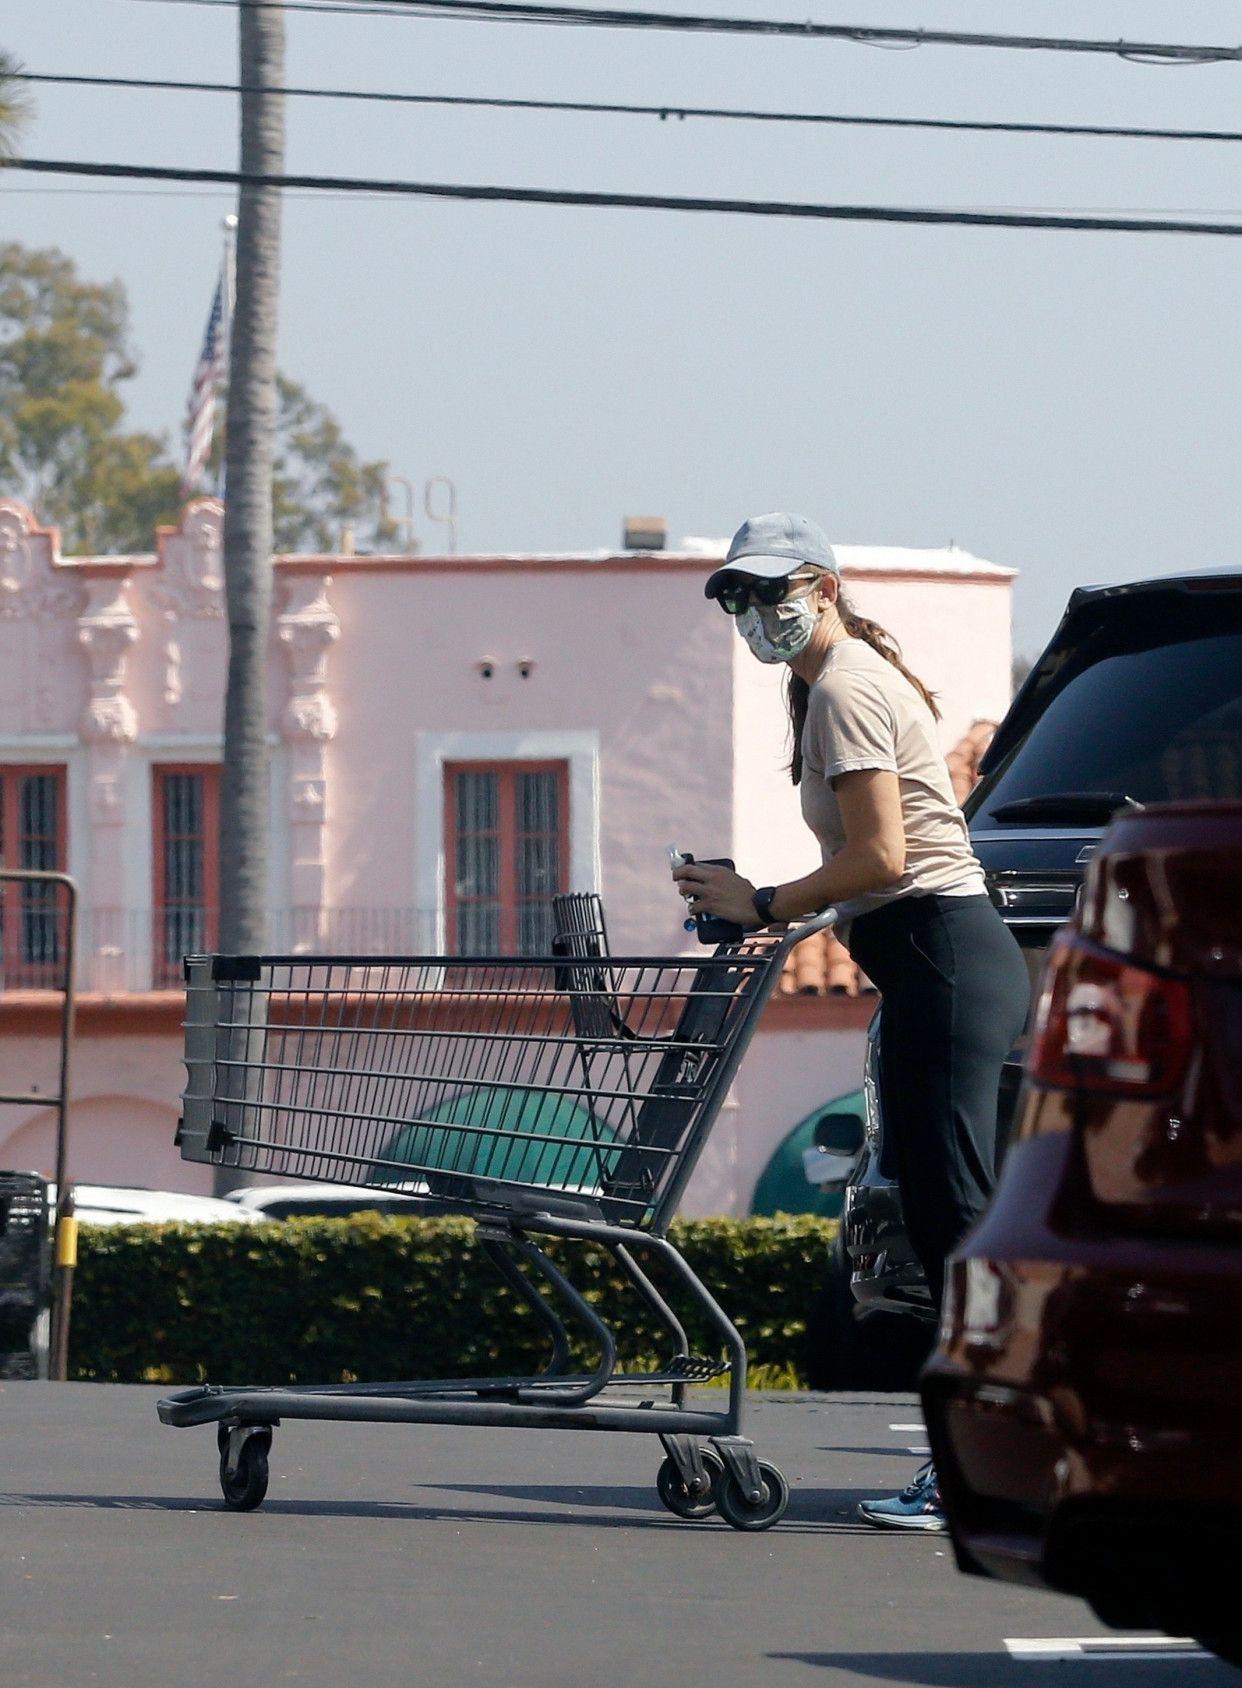 詹妮弗·加纳(JenniferGarner)洛杉矶外出新街拍